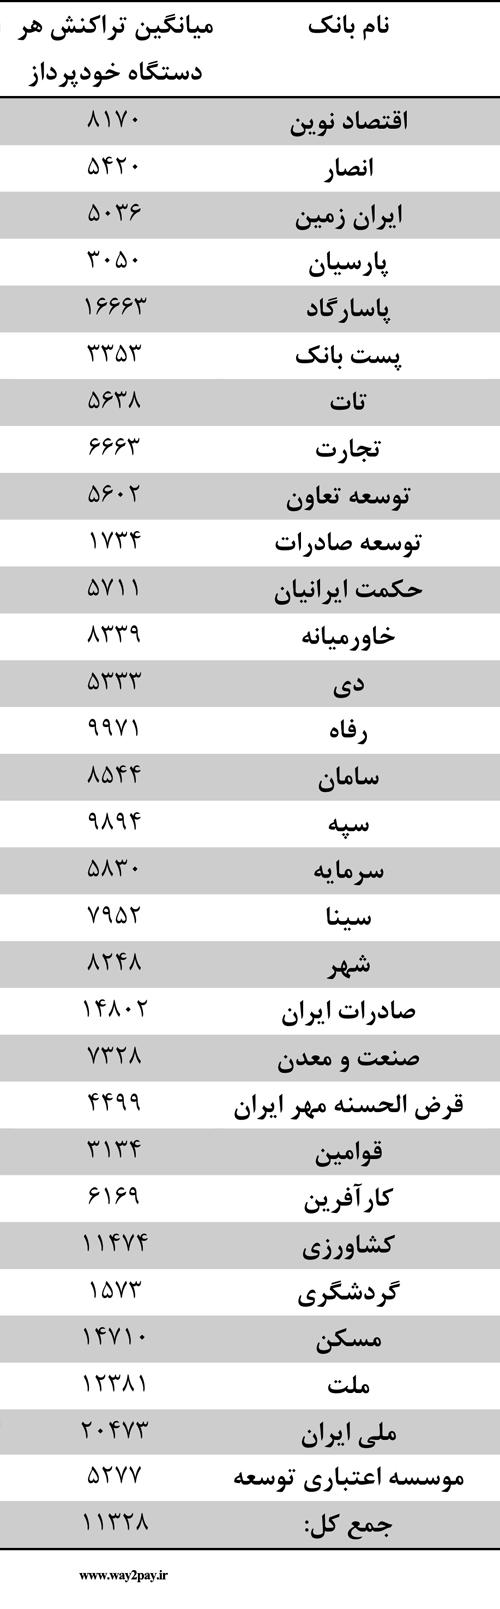 میانگین تعداد تراکنش دستگاههای خودپرداز بانکهای کشور در اسفندماه 93